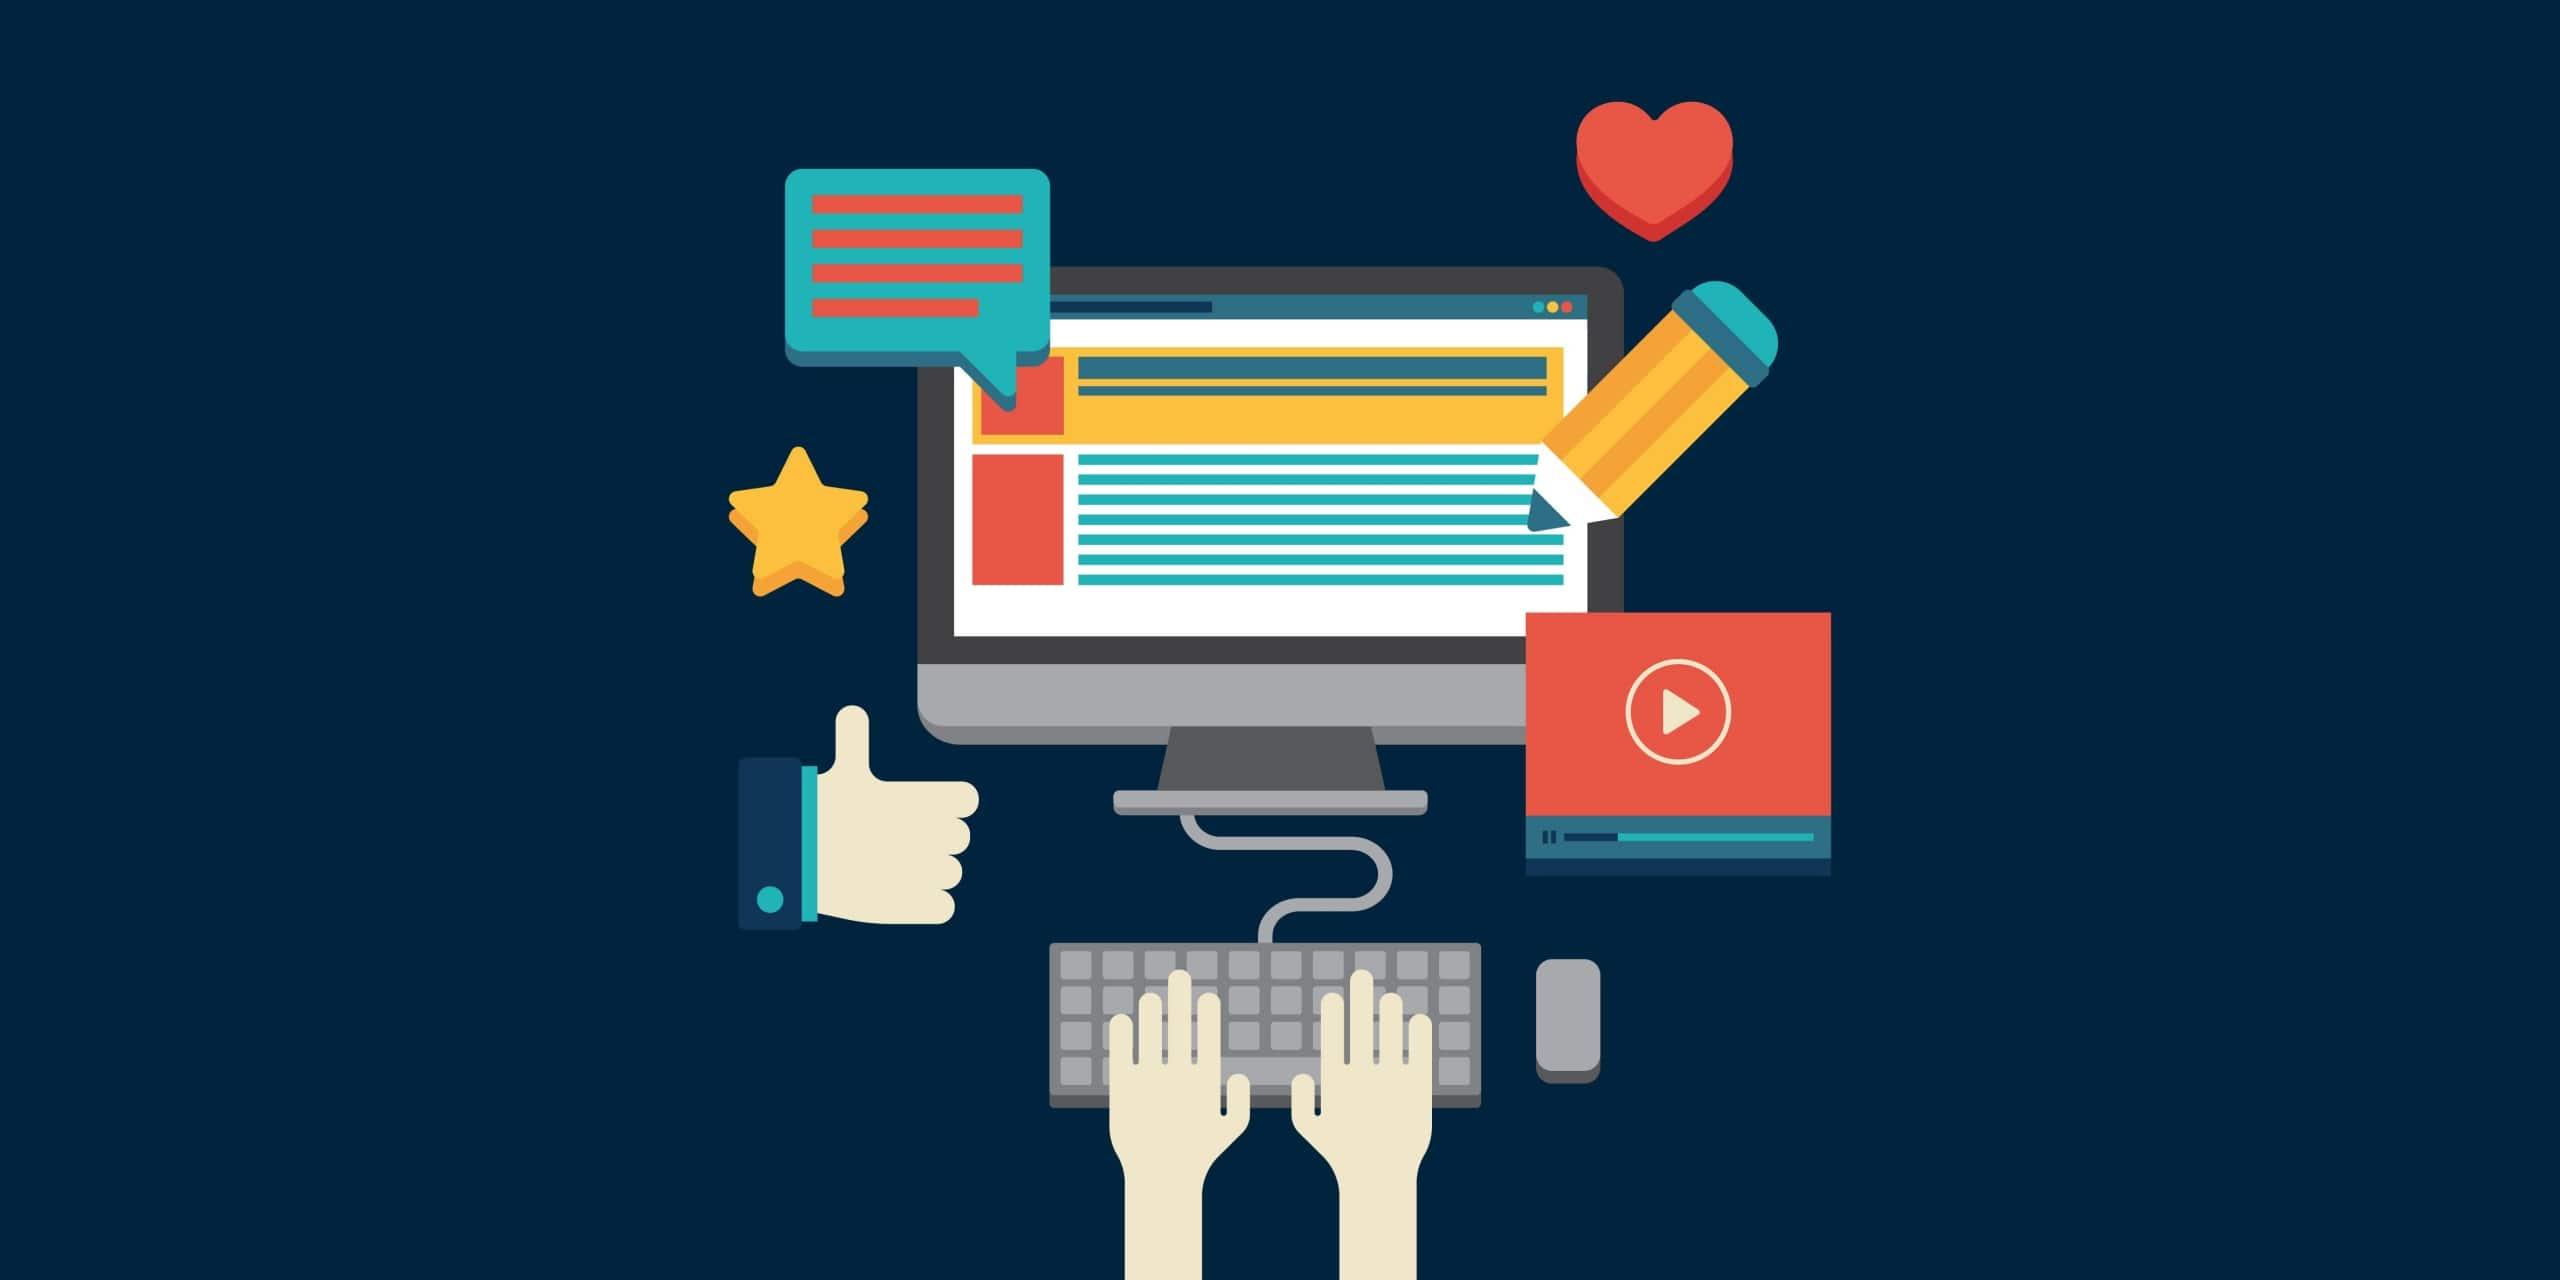 خطوات كتابة محتوى يجذب الالاف من العملاء